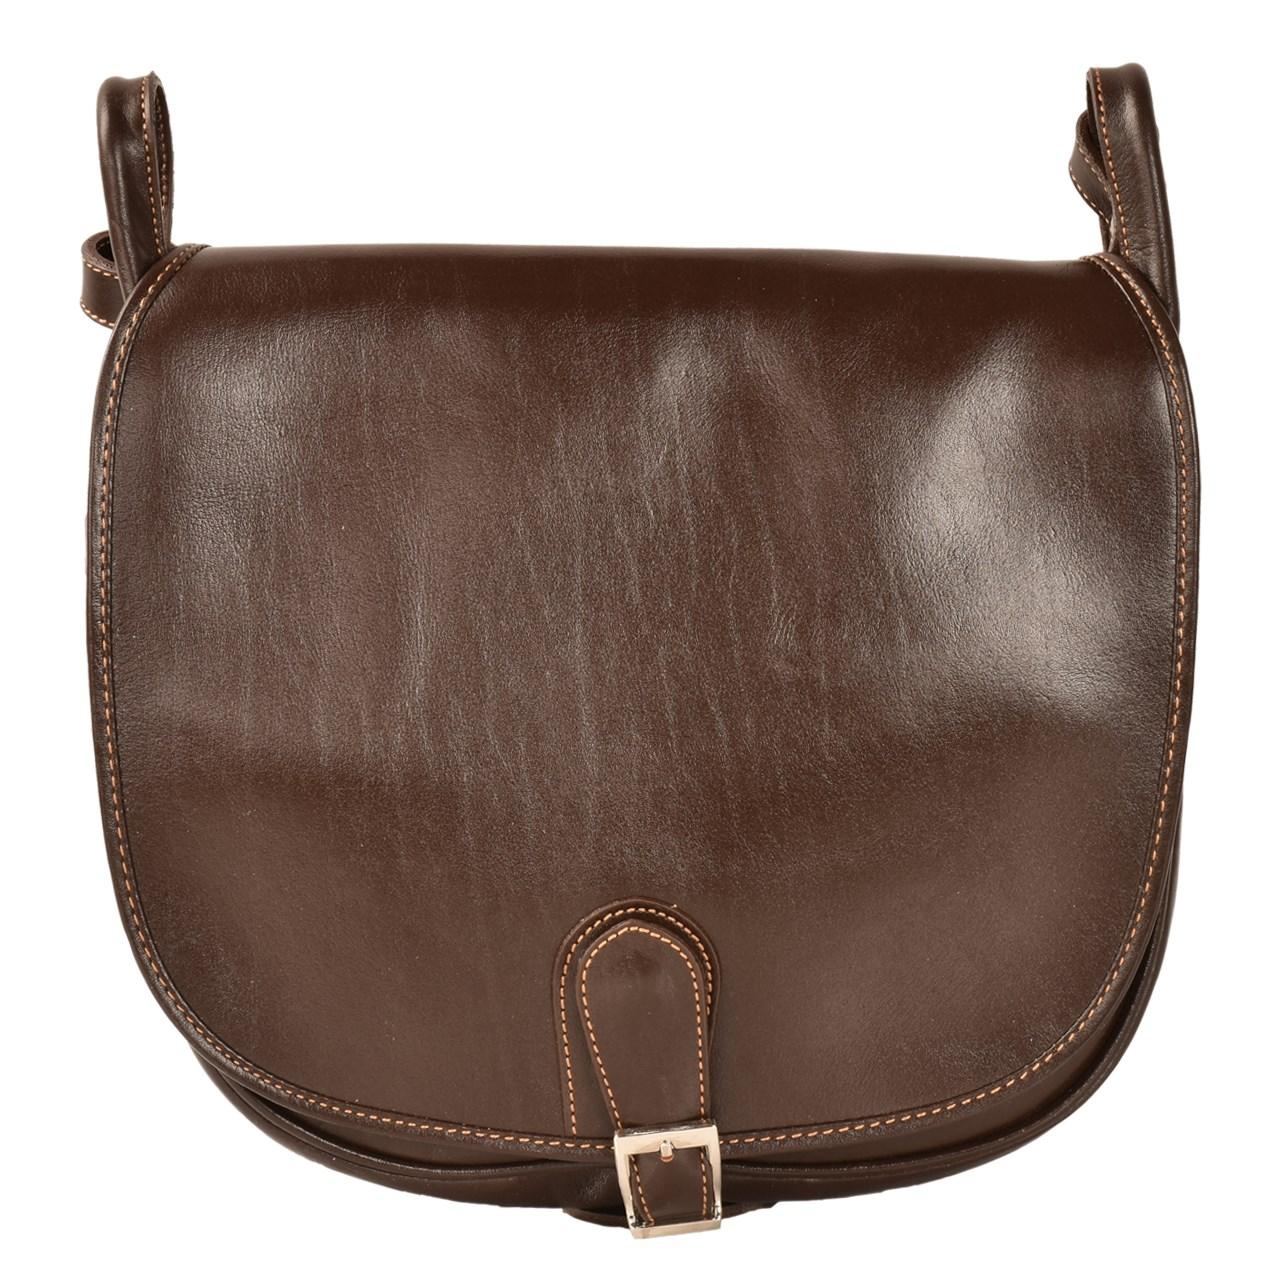 کیف رو دوشی چرم طبیعی کهن چرم مدل V153-7